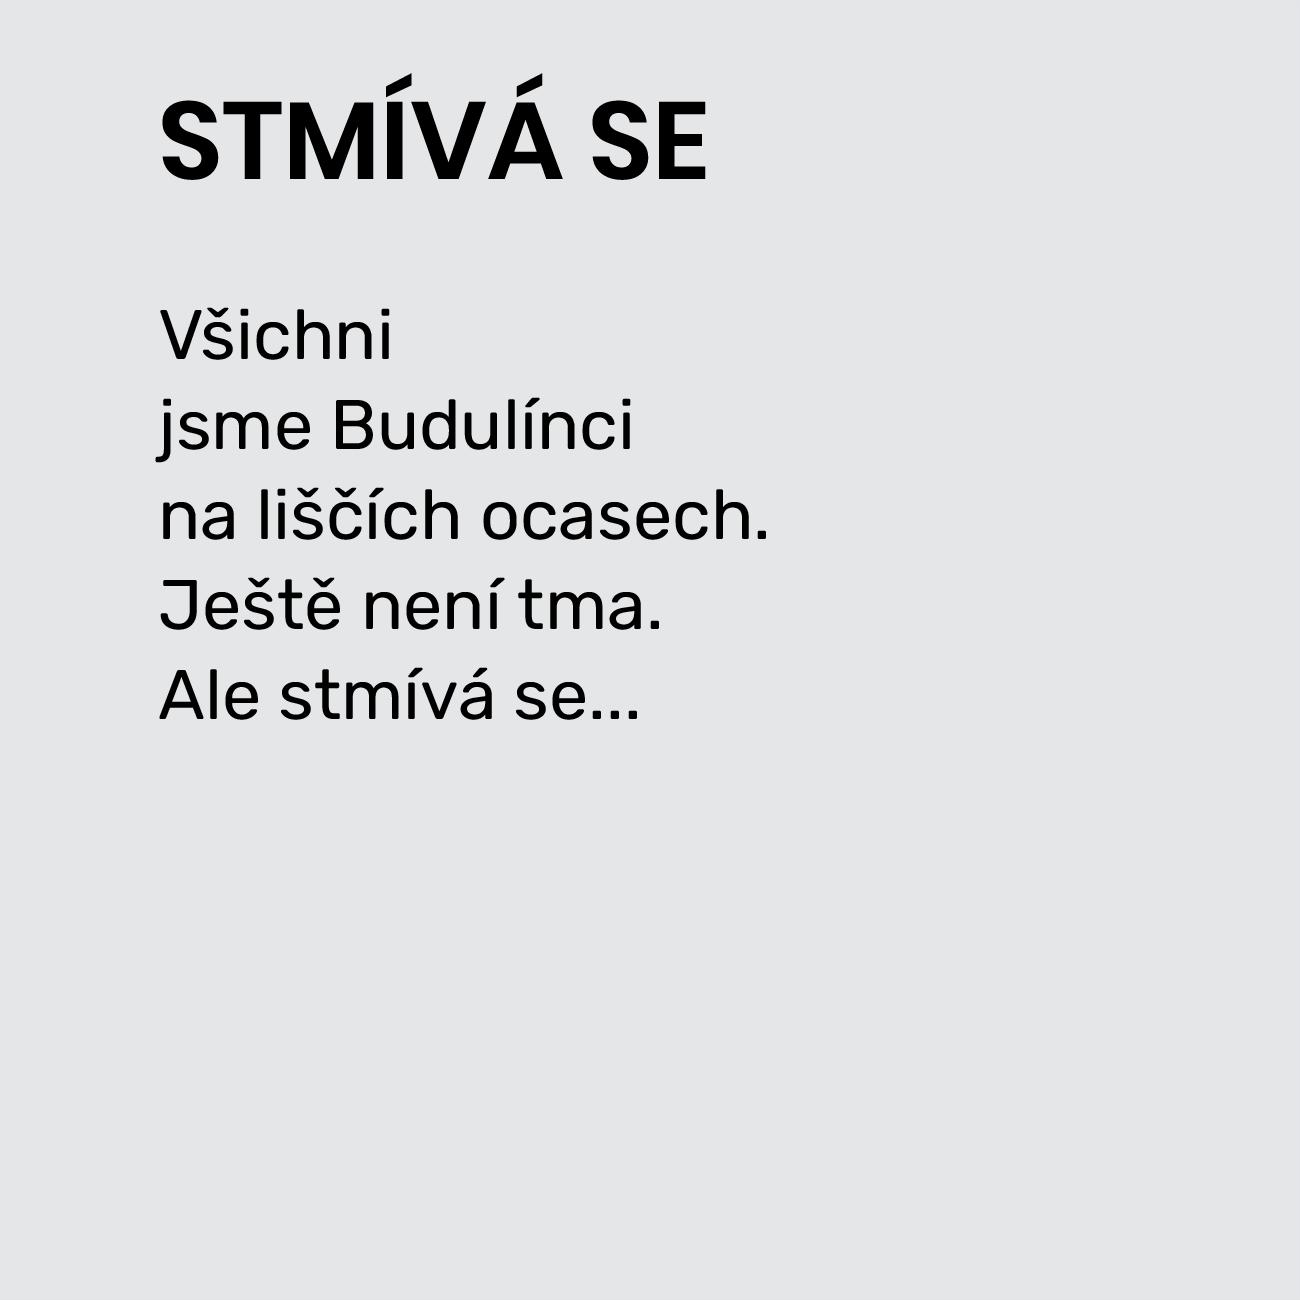 STMÍVÁ SE